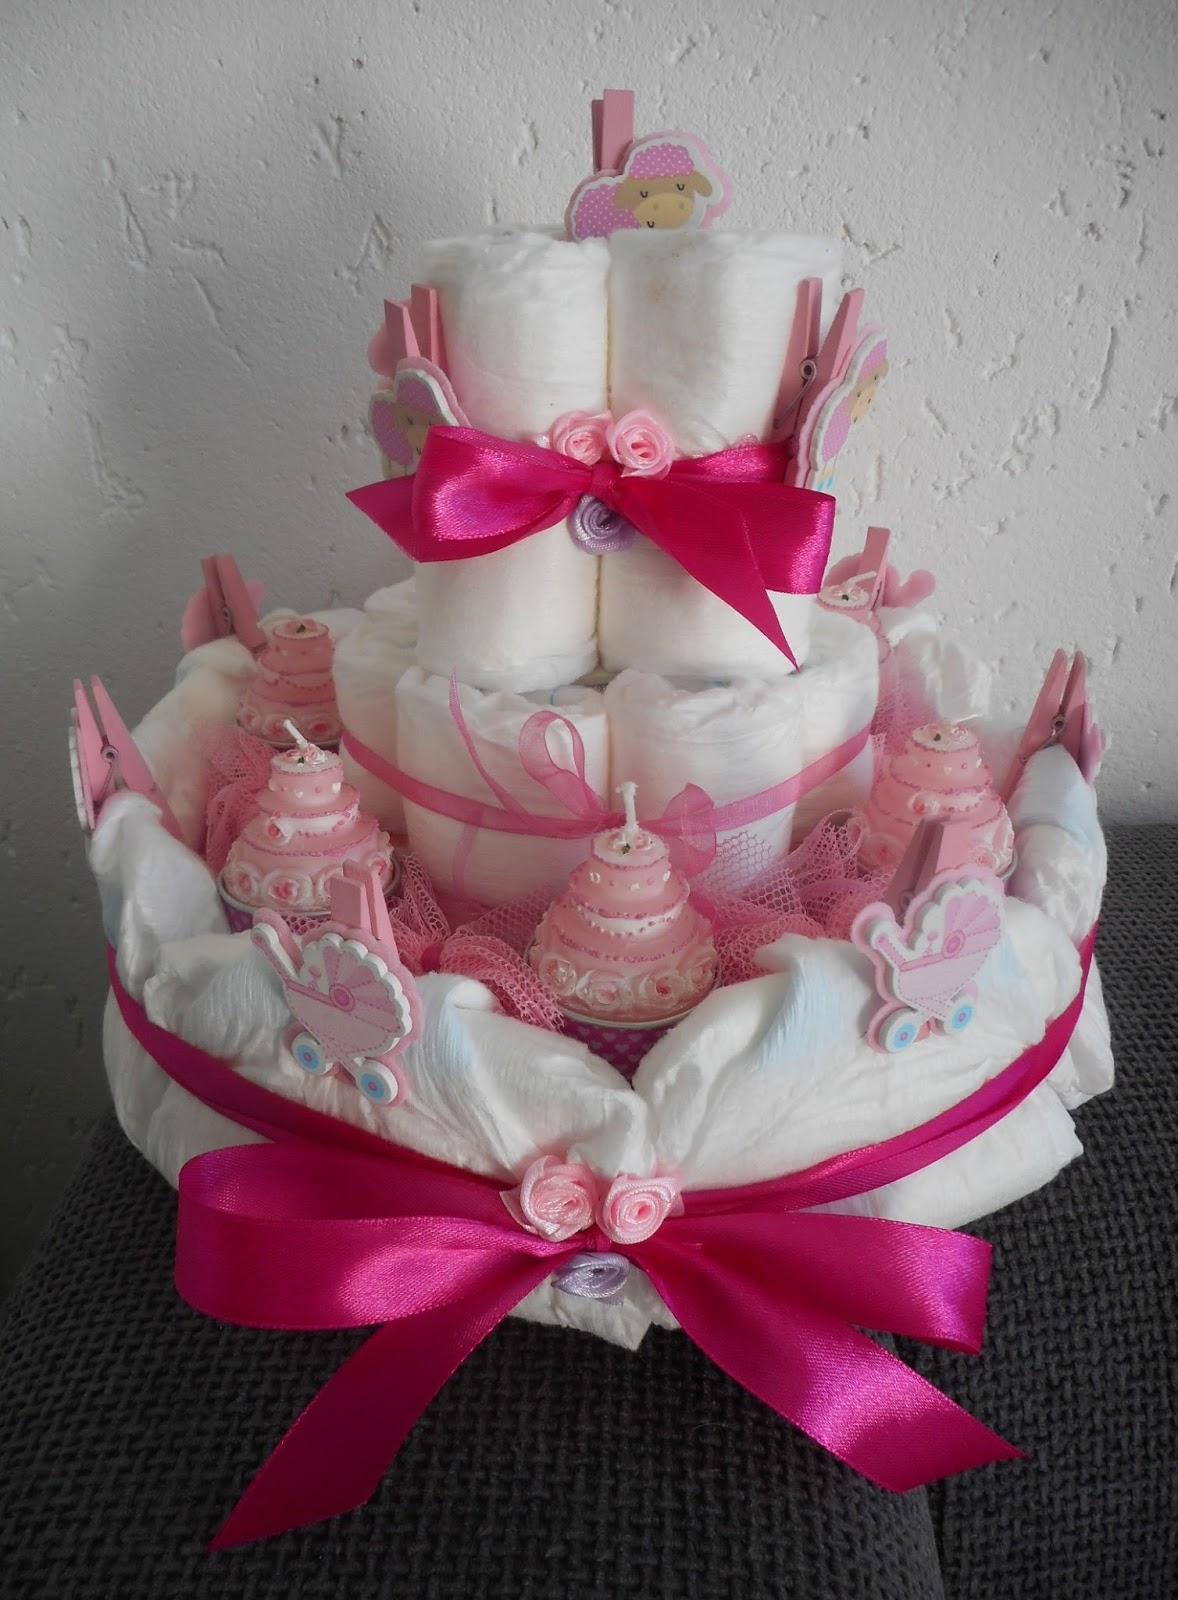 Atelier 39 de kleine haven 39 diy luiertaart diaper cake - Bed voor een klein meisje ...